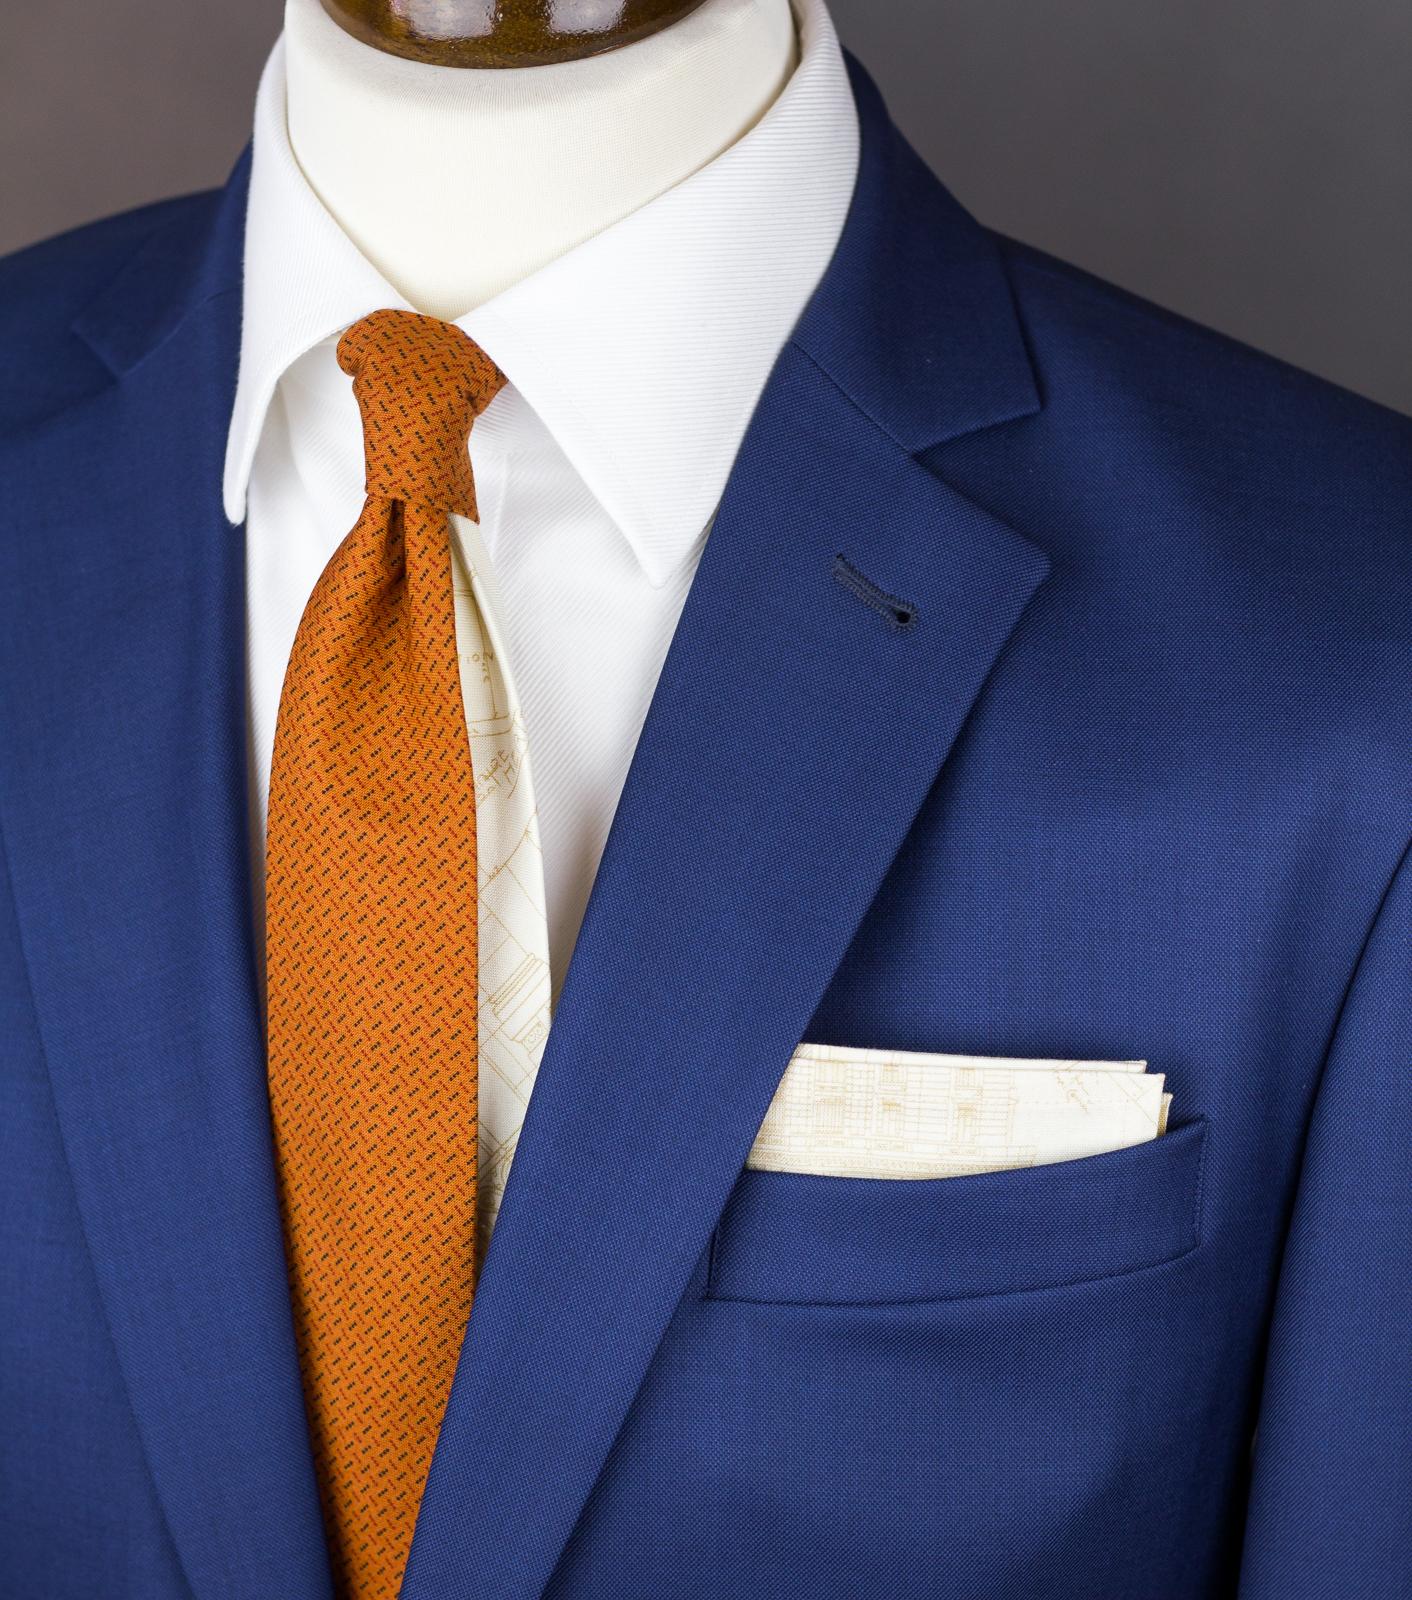 3ecadf82602 Pánská Twin kravata oranžová se vzorem   Zboží prodejce bubibubi ...